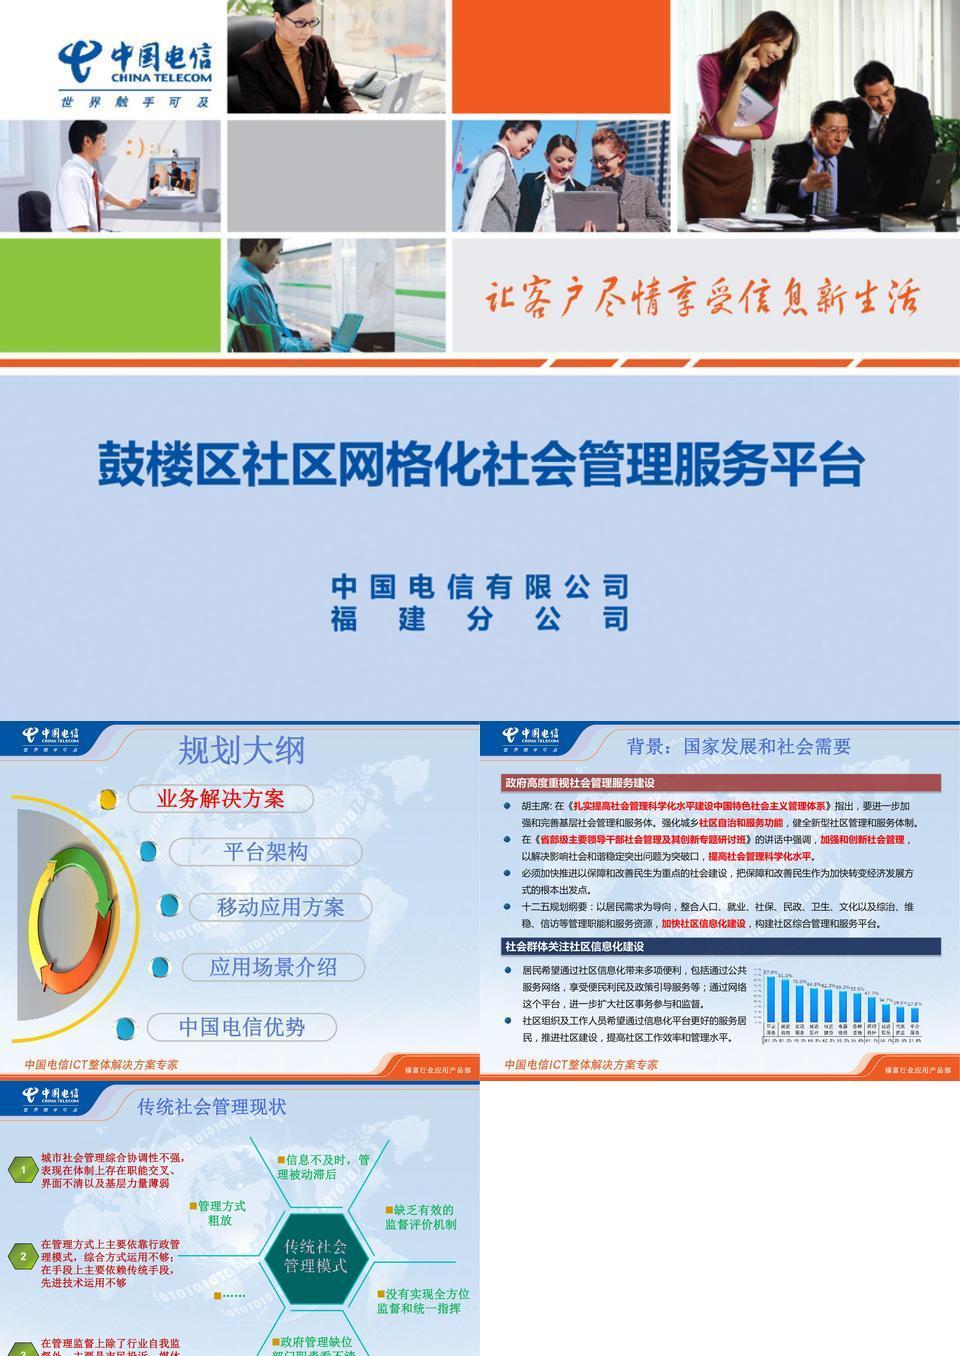 XX区社区网格化管理服务平台介绍